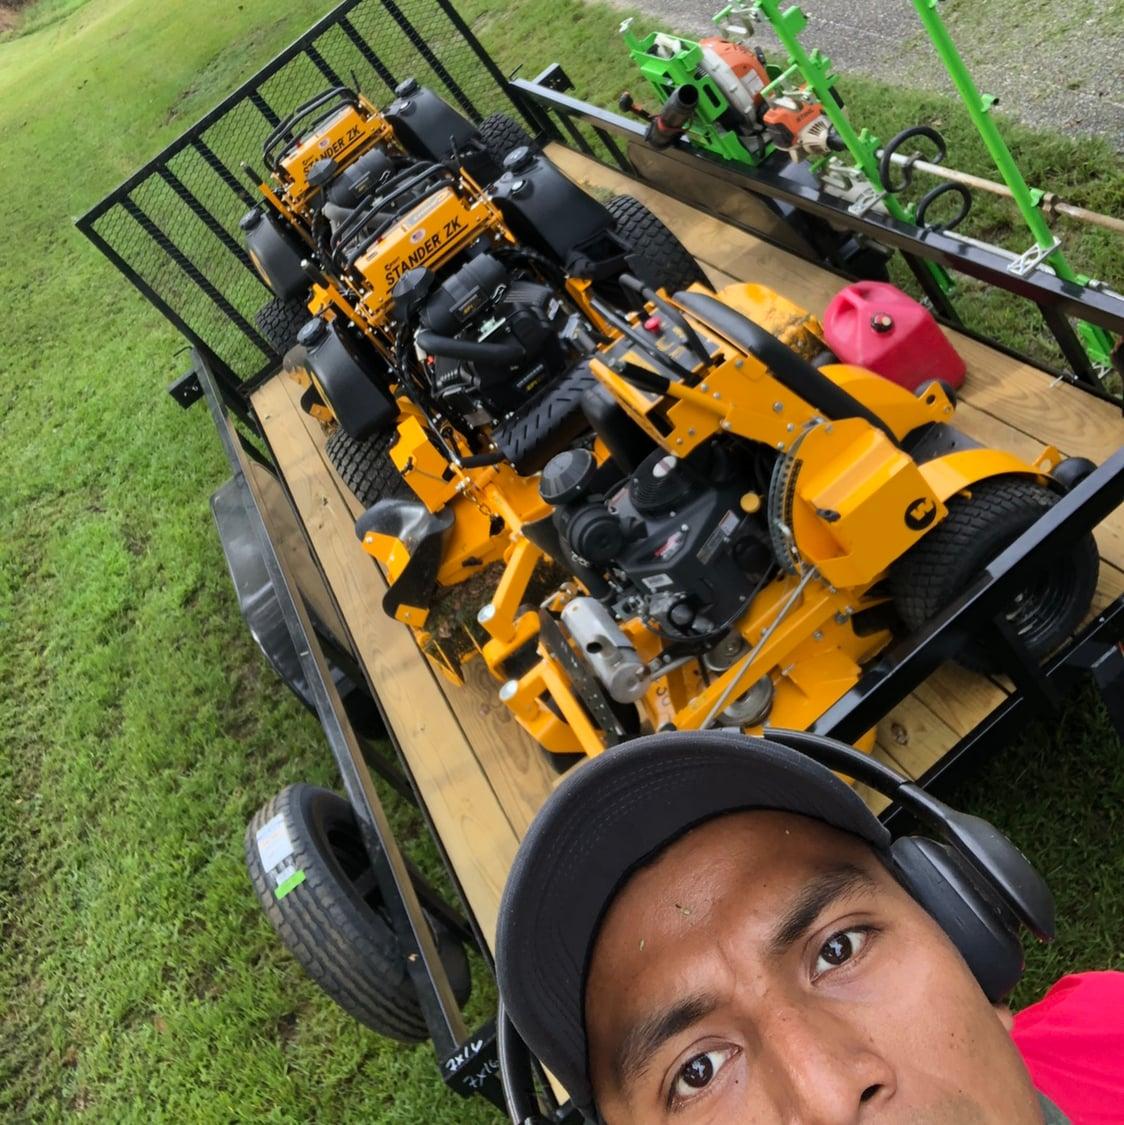 Ramirez Lawn Services